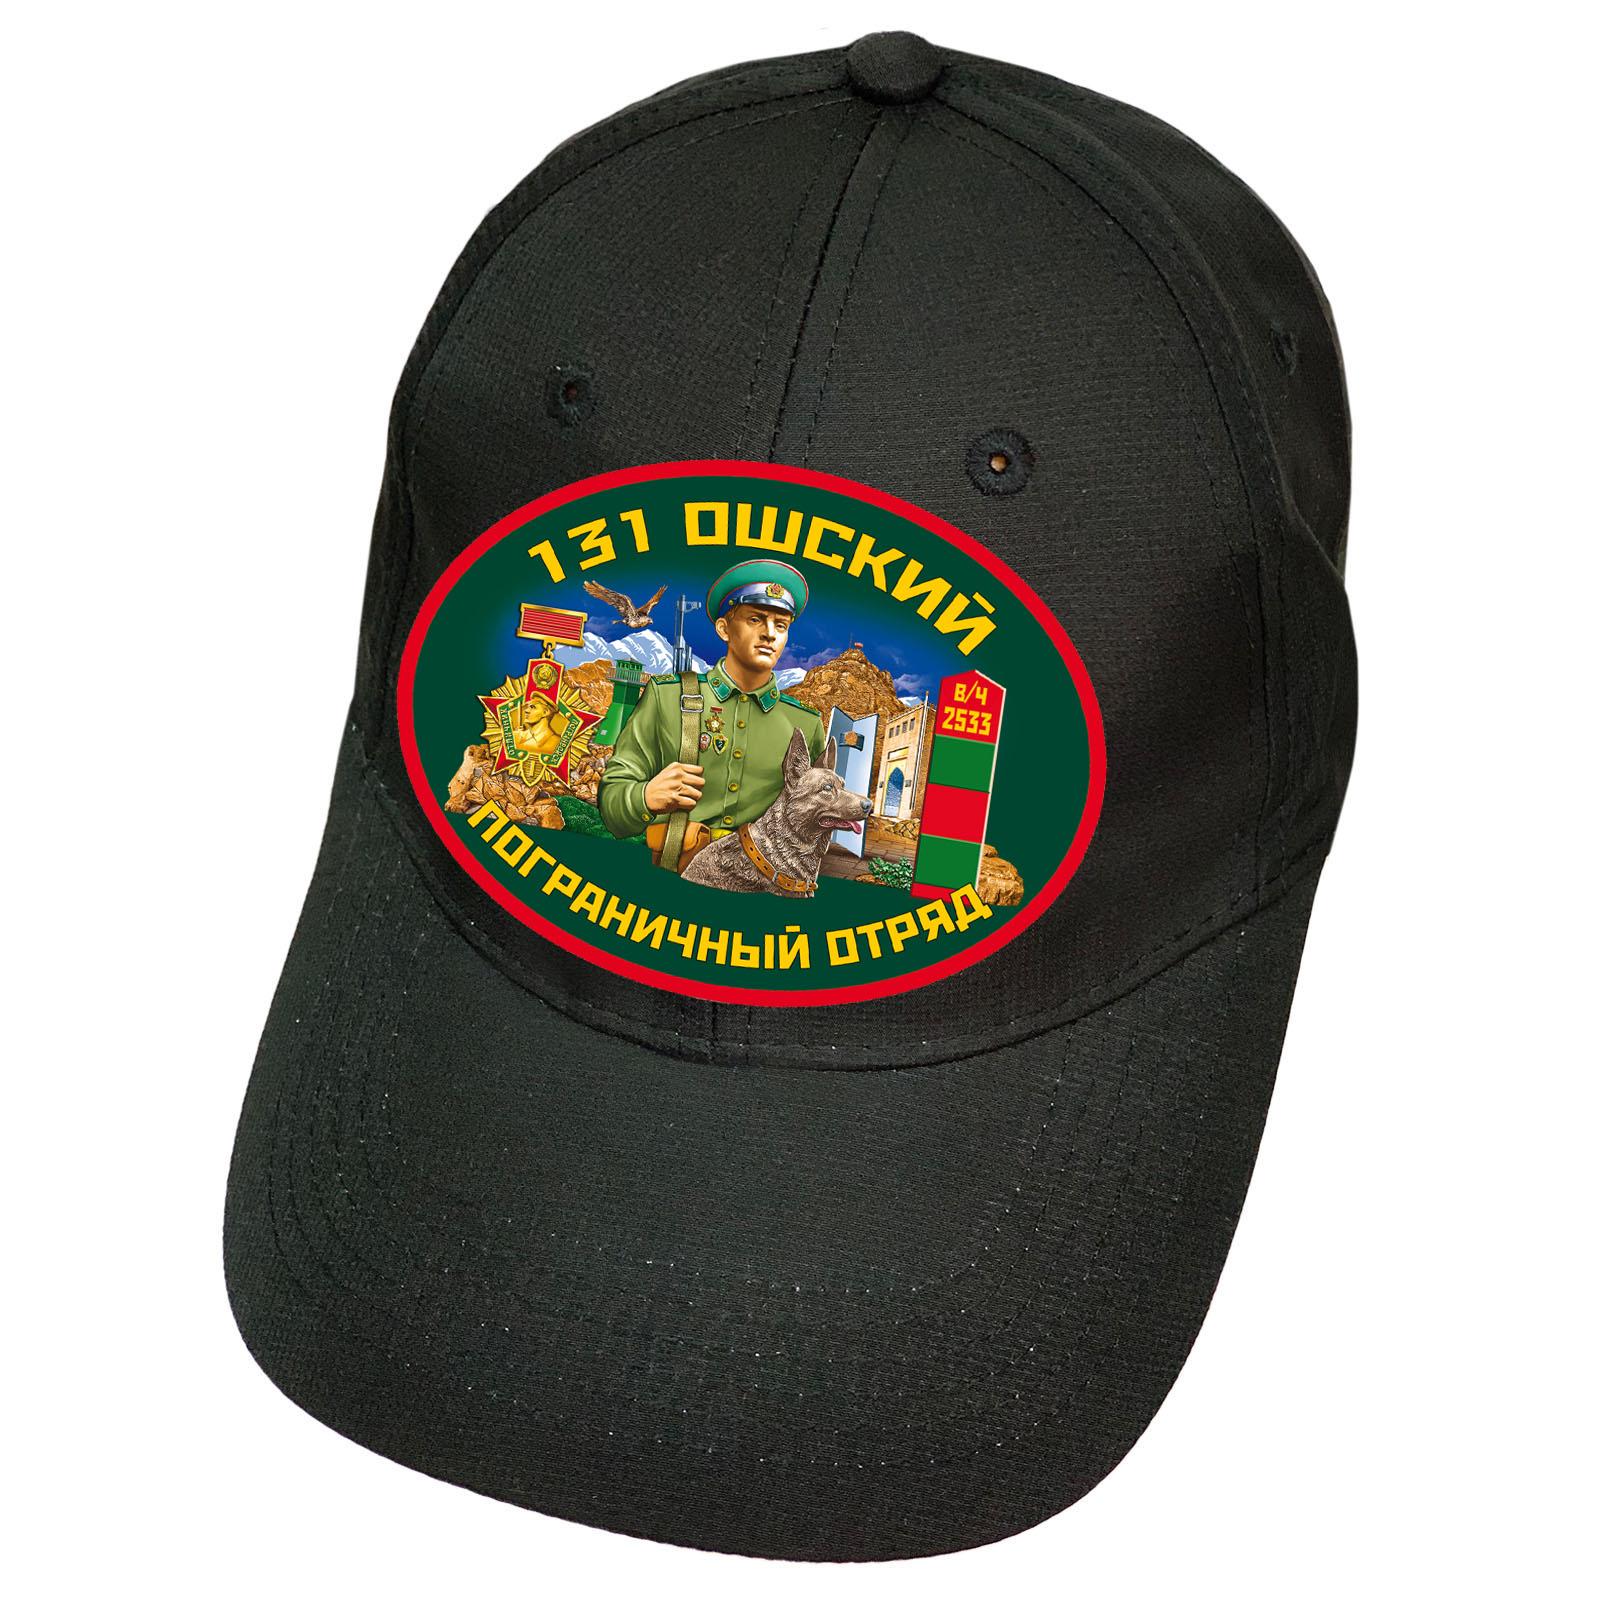 Чёрная бейсболка 131 Ошский пограничный отряд